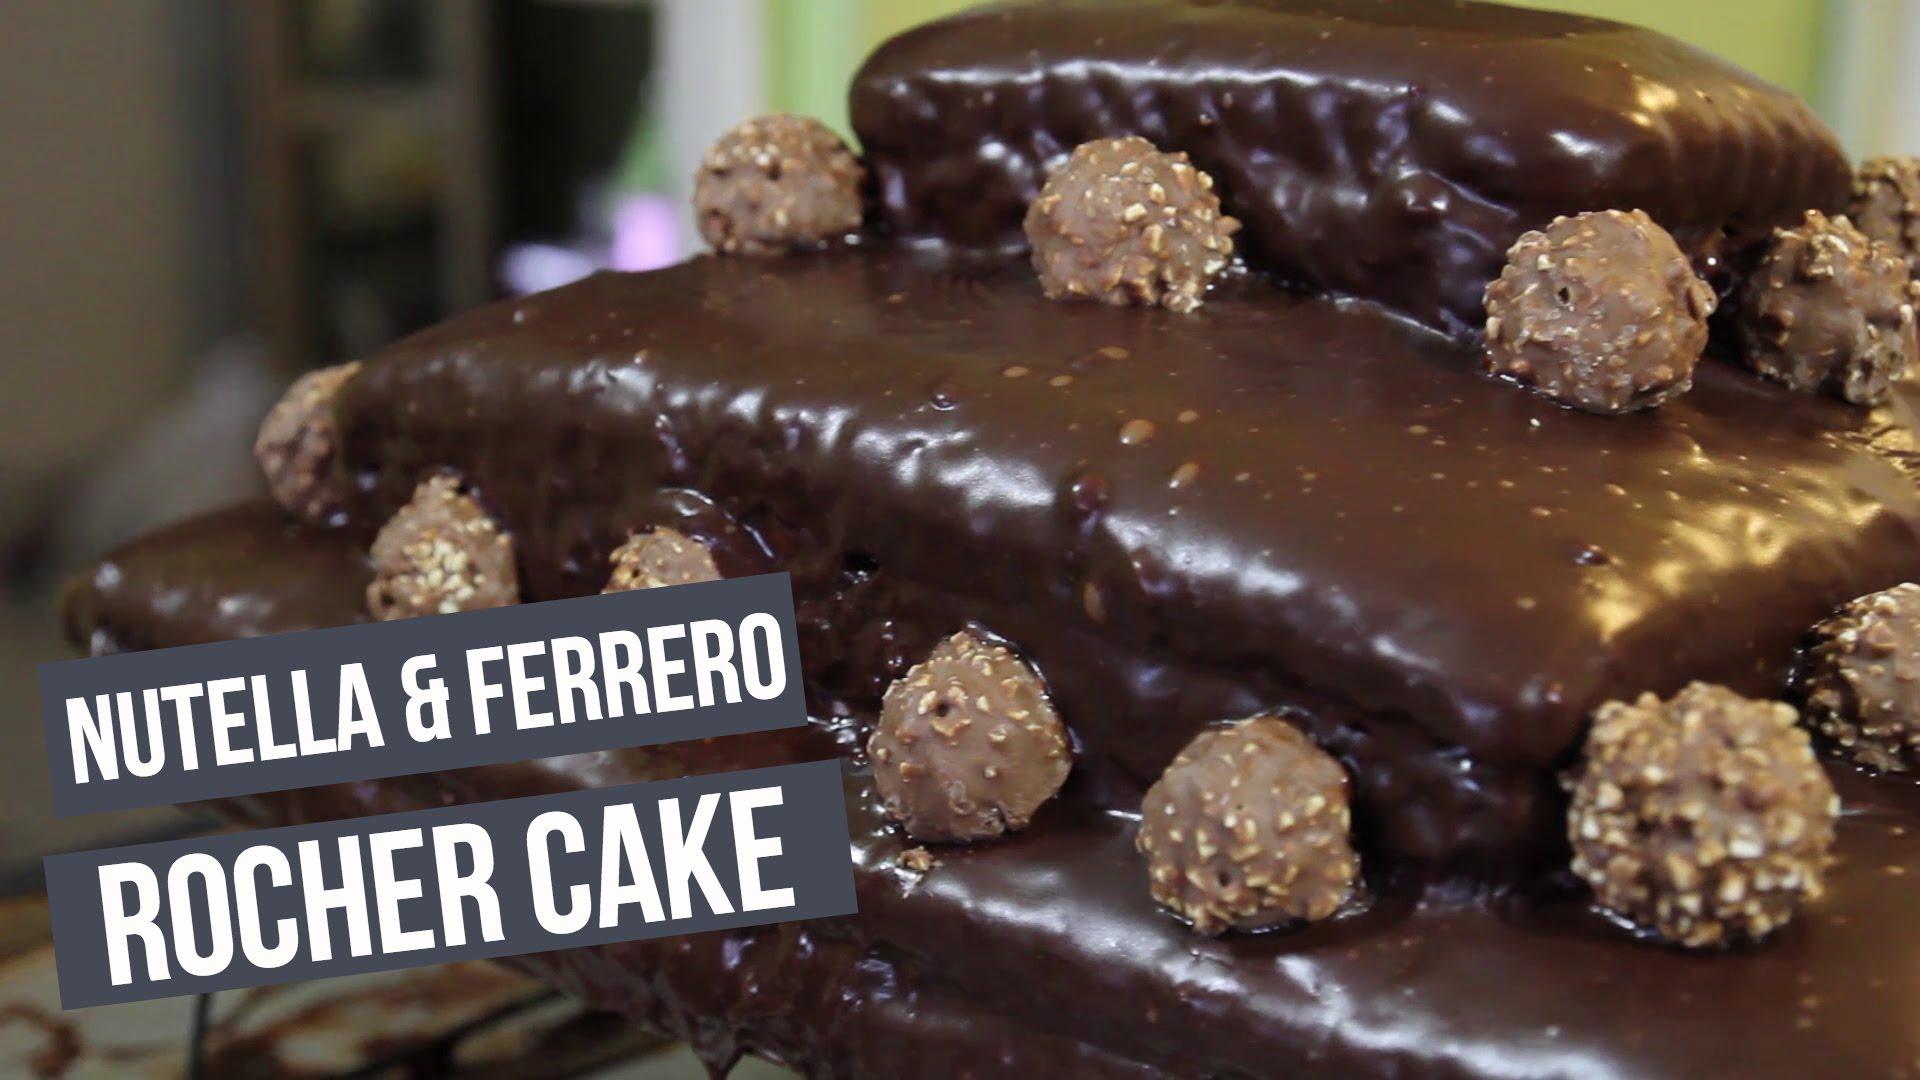 Nutella & Ferrero Rocher Cake